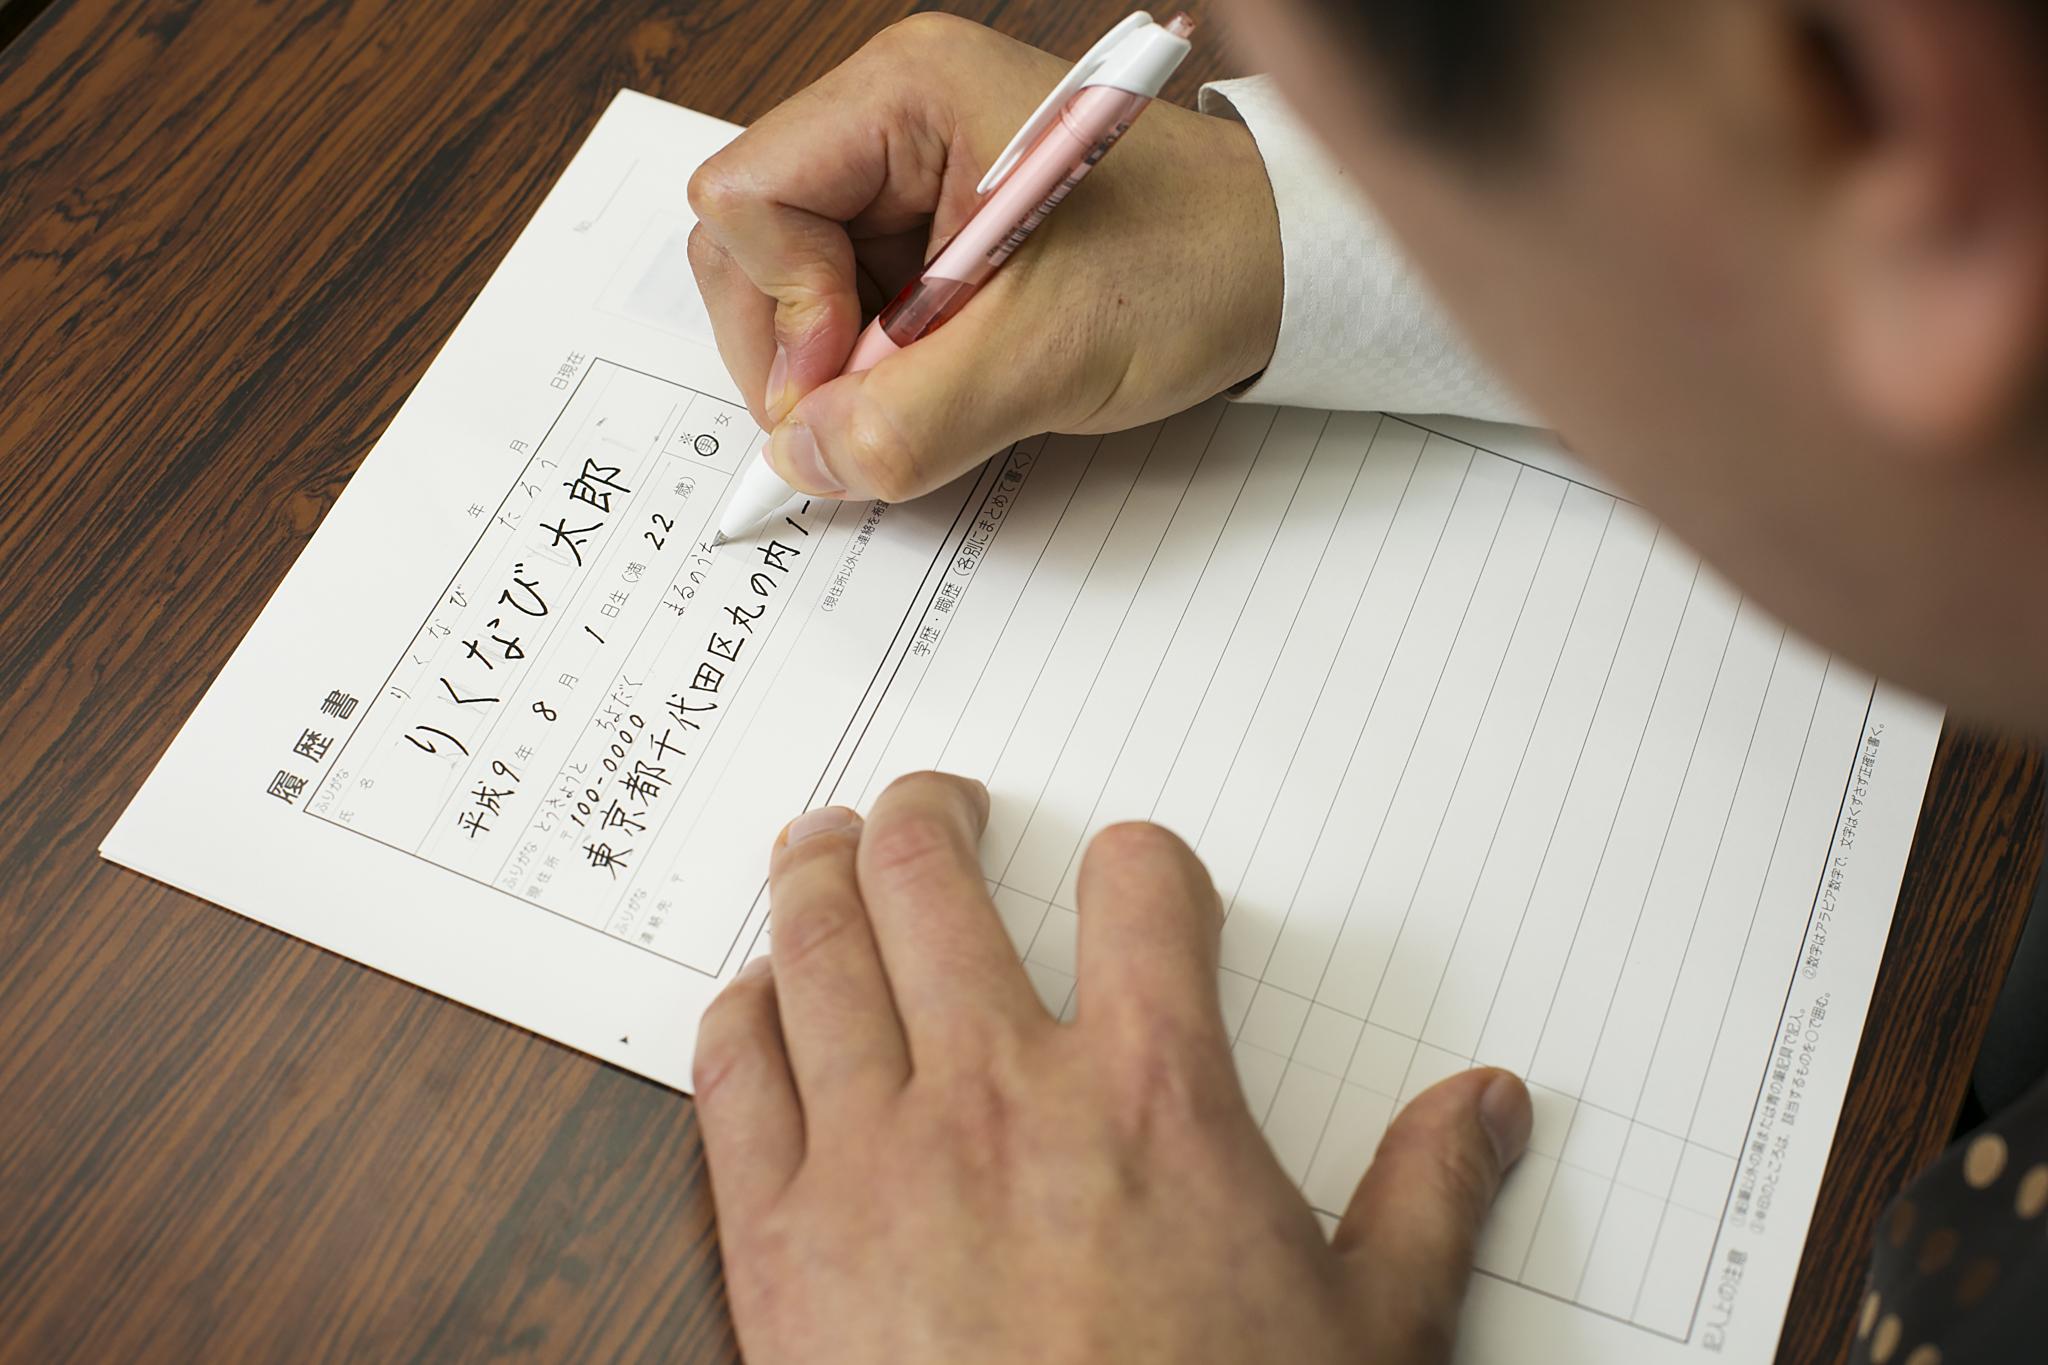 氏名は1.0ミリ、住所は0.7ミリ、ふりがなは0.5ミリのボールペンで書いた履歴書の画像